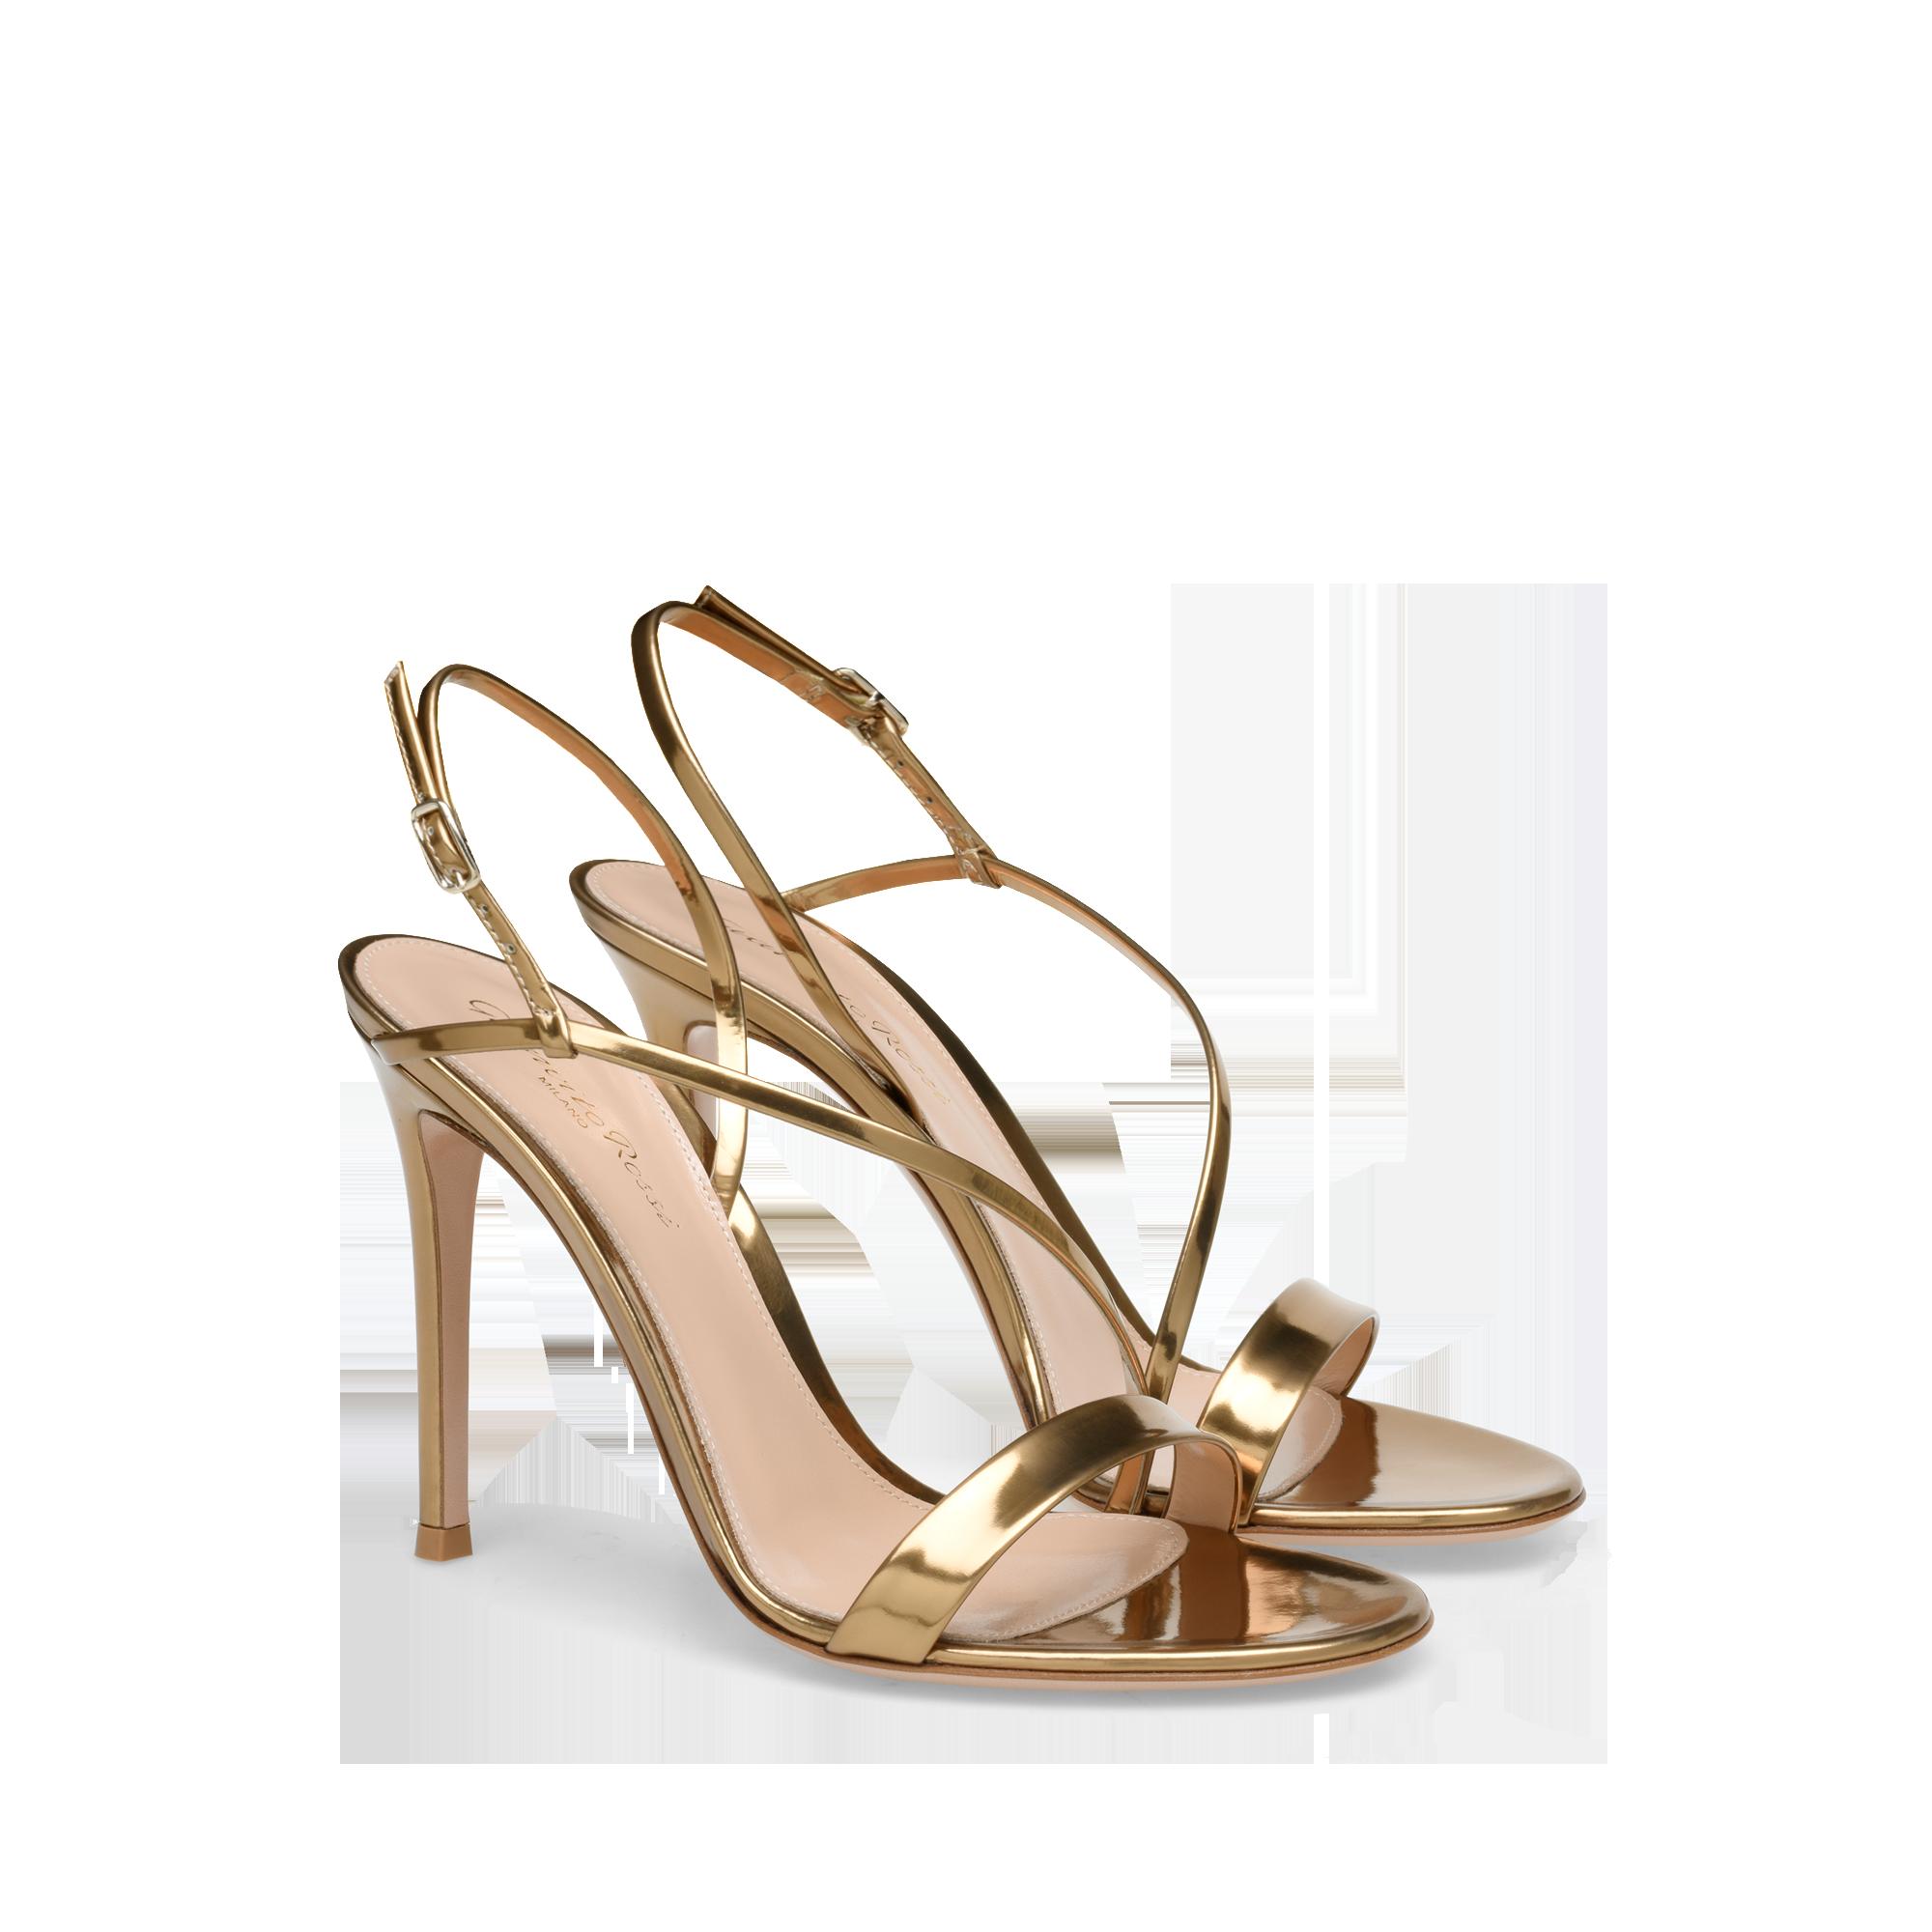 Manhattan Gianvito Rossi Fashion Heels Heels Ankle Strap Sandals Heels